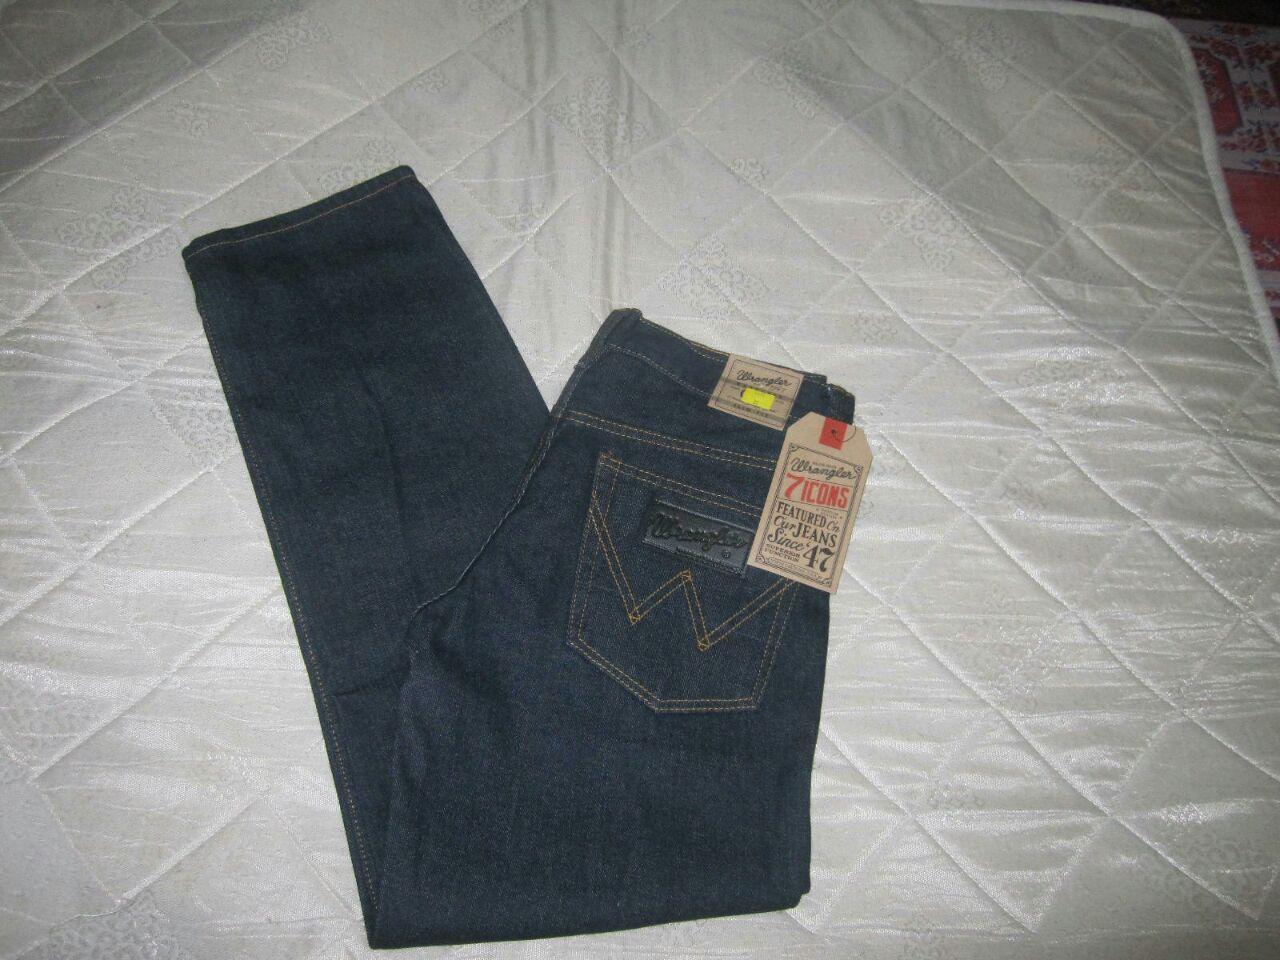 Features Celana Jeans Pria Levis Panjang Denim Big Size Laki Standart